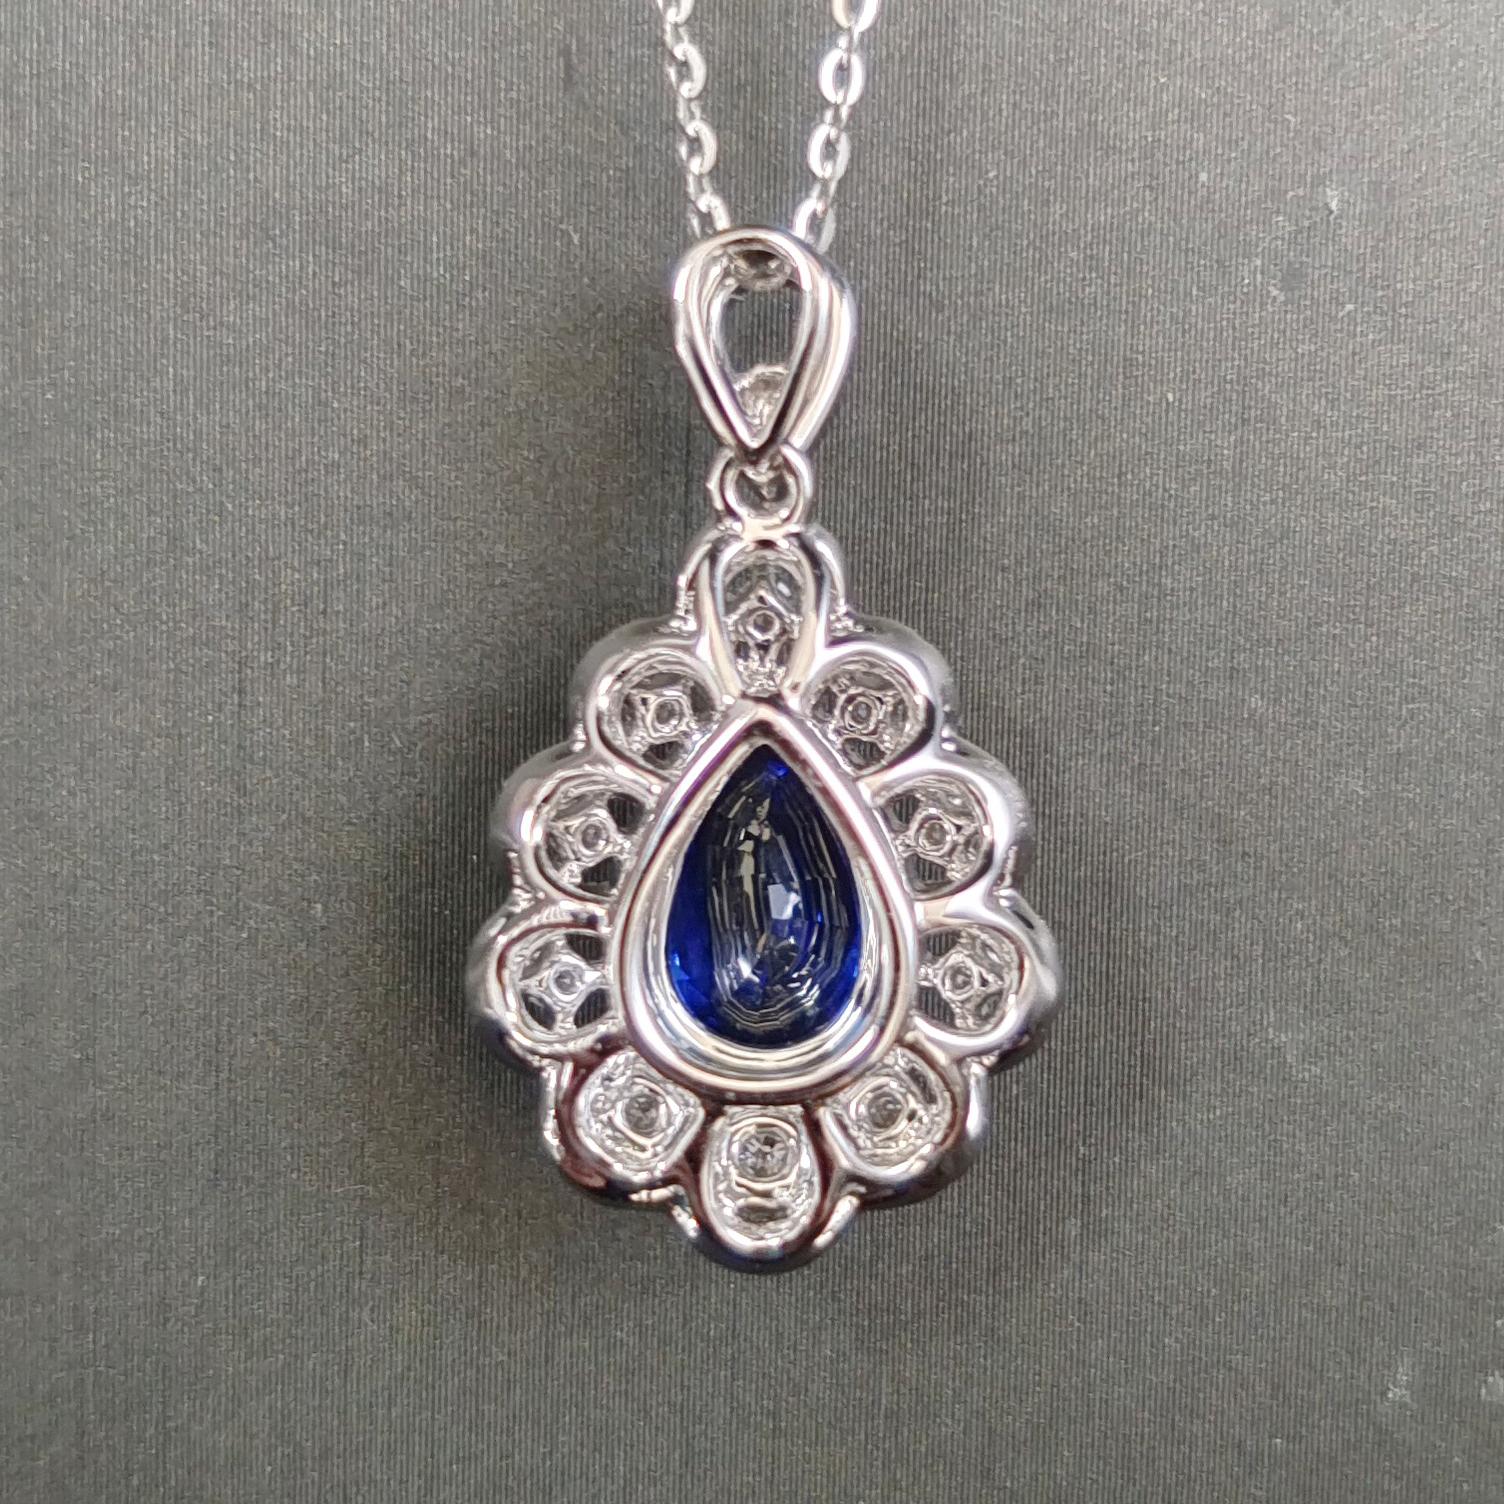 【【吊坠】18K金+蓝宝石+钻石 宝石颜色纯正 主石:2.05ct/P 货重:3.43g】图4